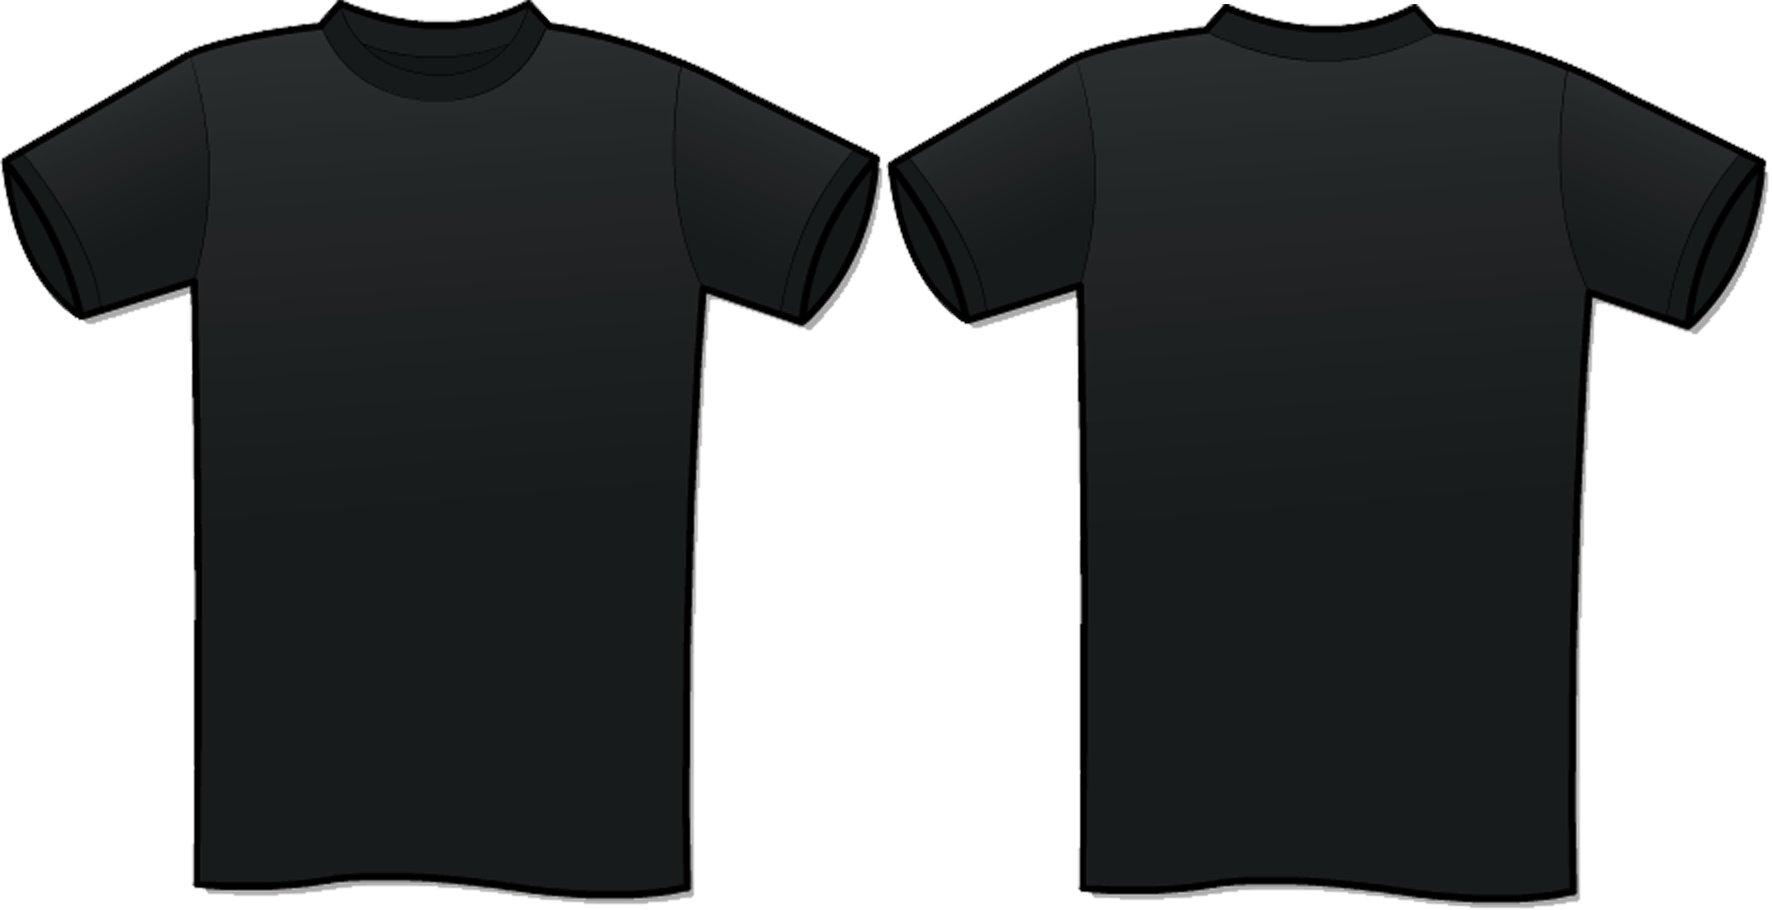 Shirt Design Template Psd. white t shirt design template ...